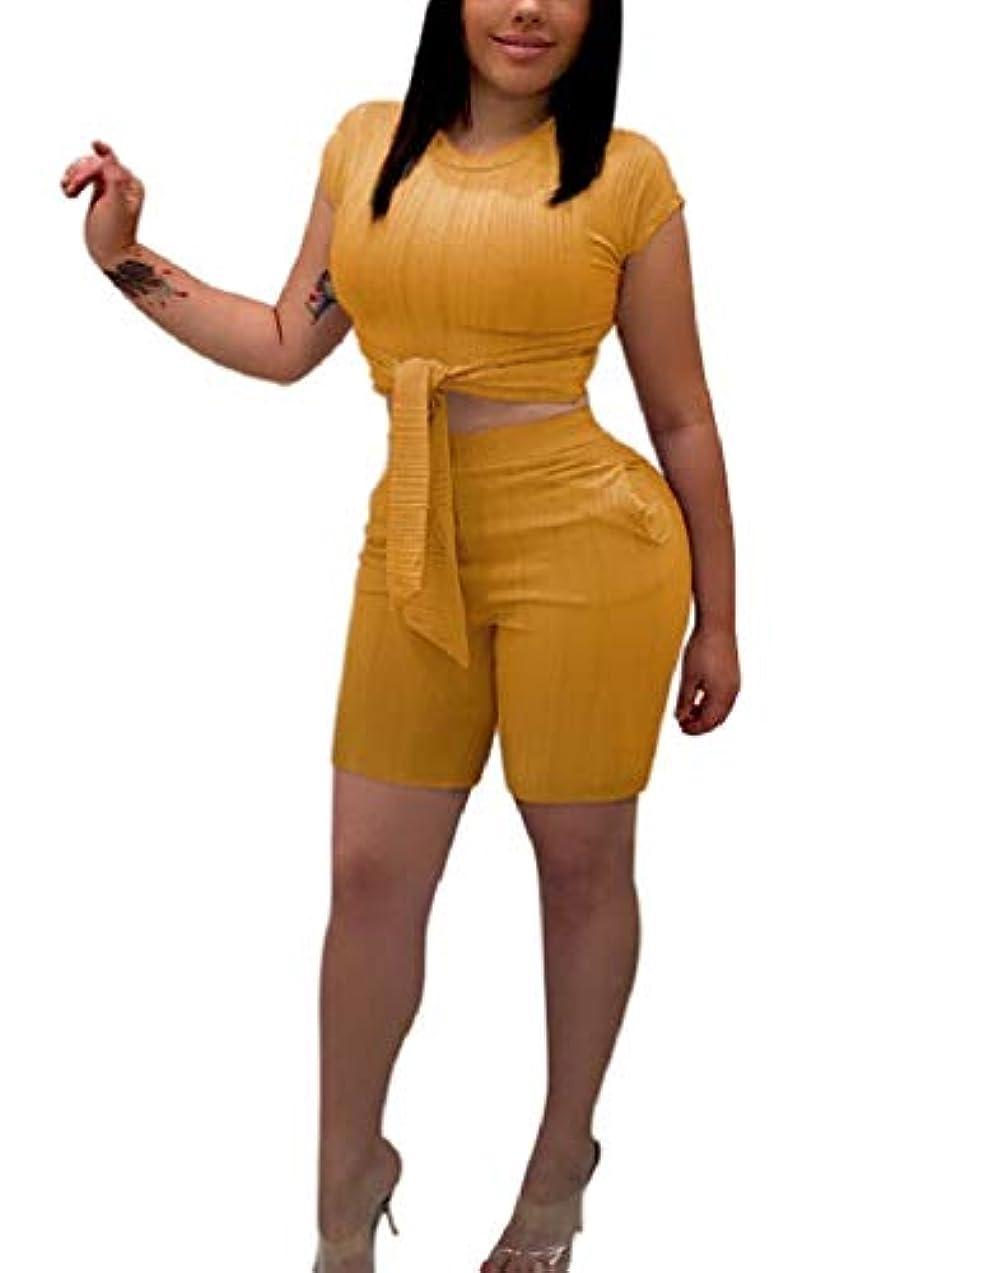 明らかにする速い地域のRomancly 女性ロンパース半袖トリミングトップスボディコンパンツは、党の服を設定